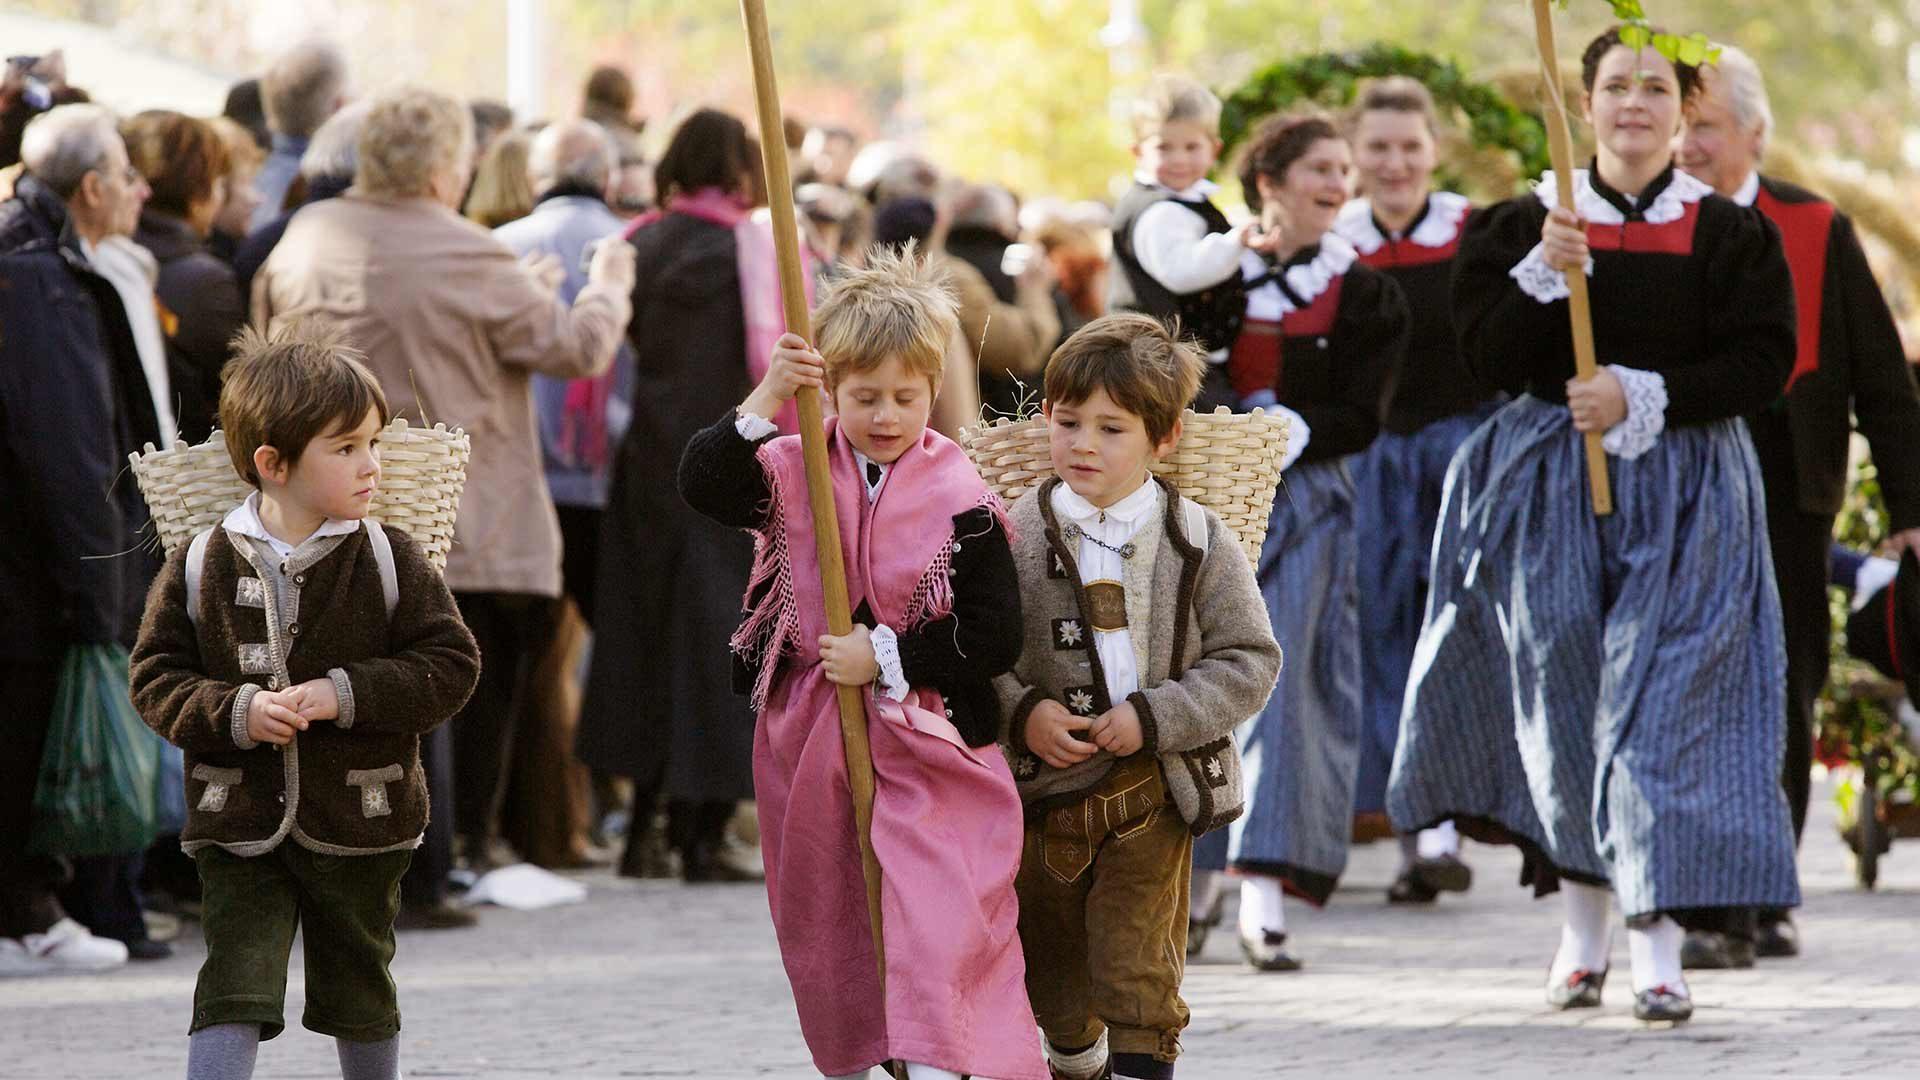 Meraner Traubenfest - Großer Festzug